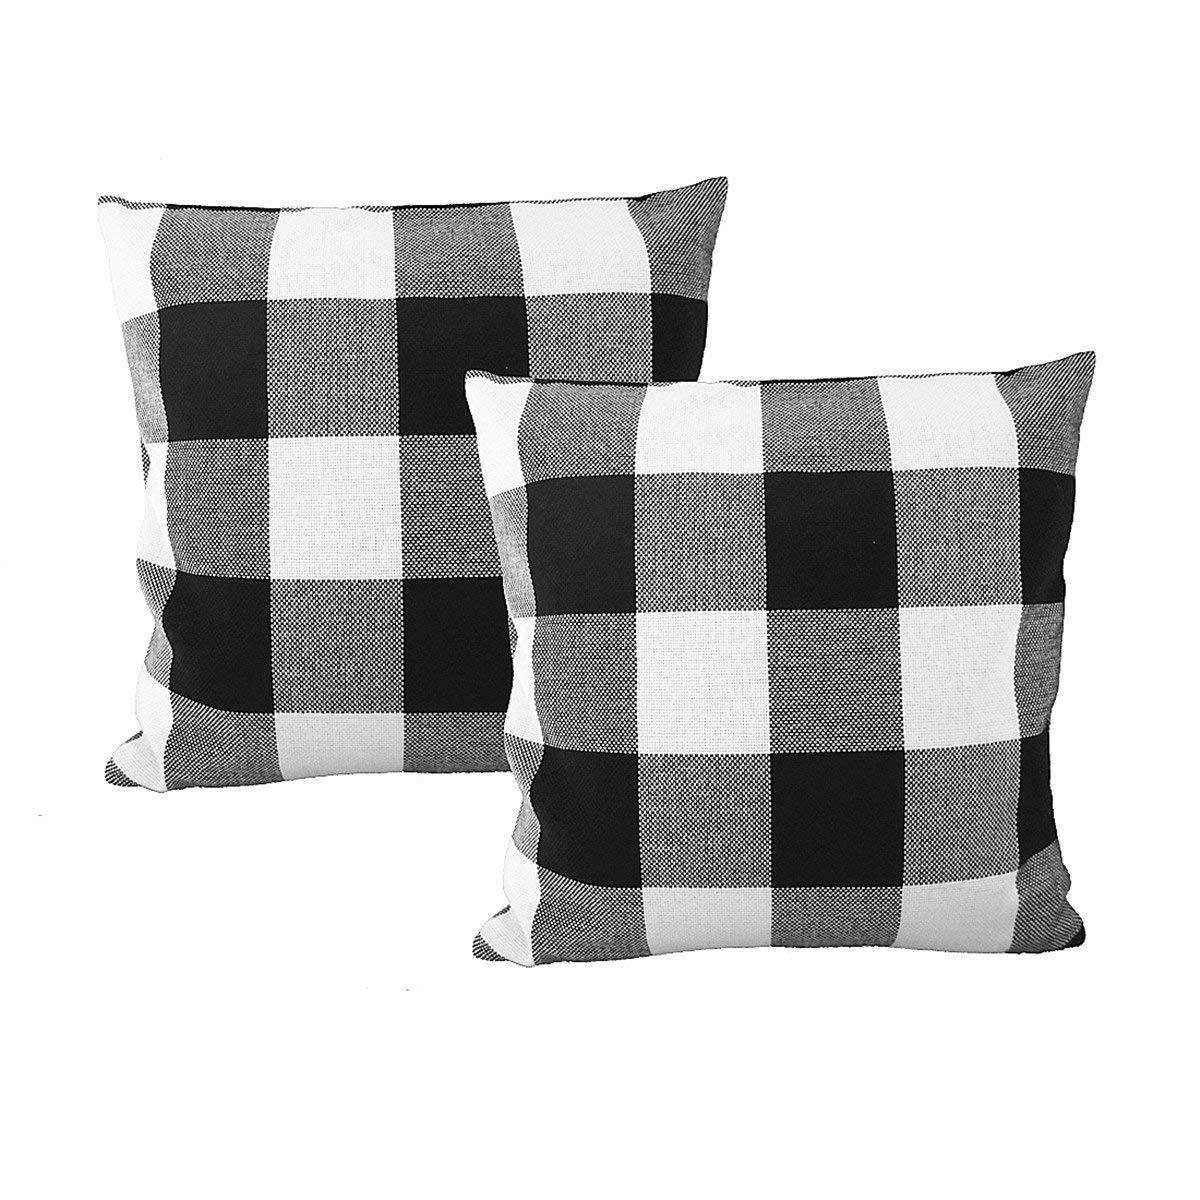 Farmhouse Vibes | Apartment Decor | Tartan Black and White Plaid Throw Pillows